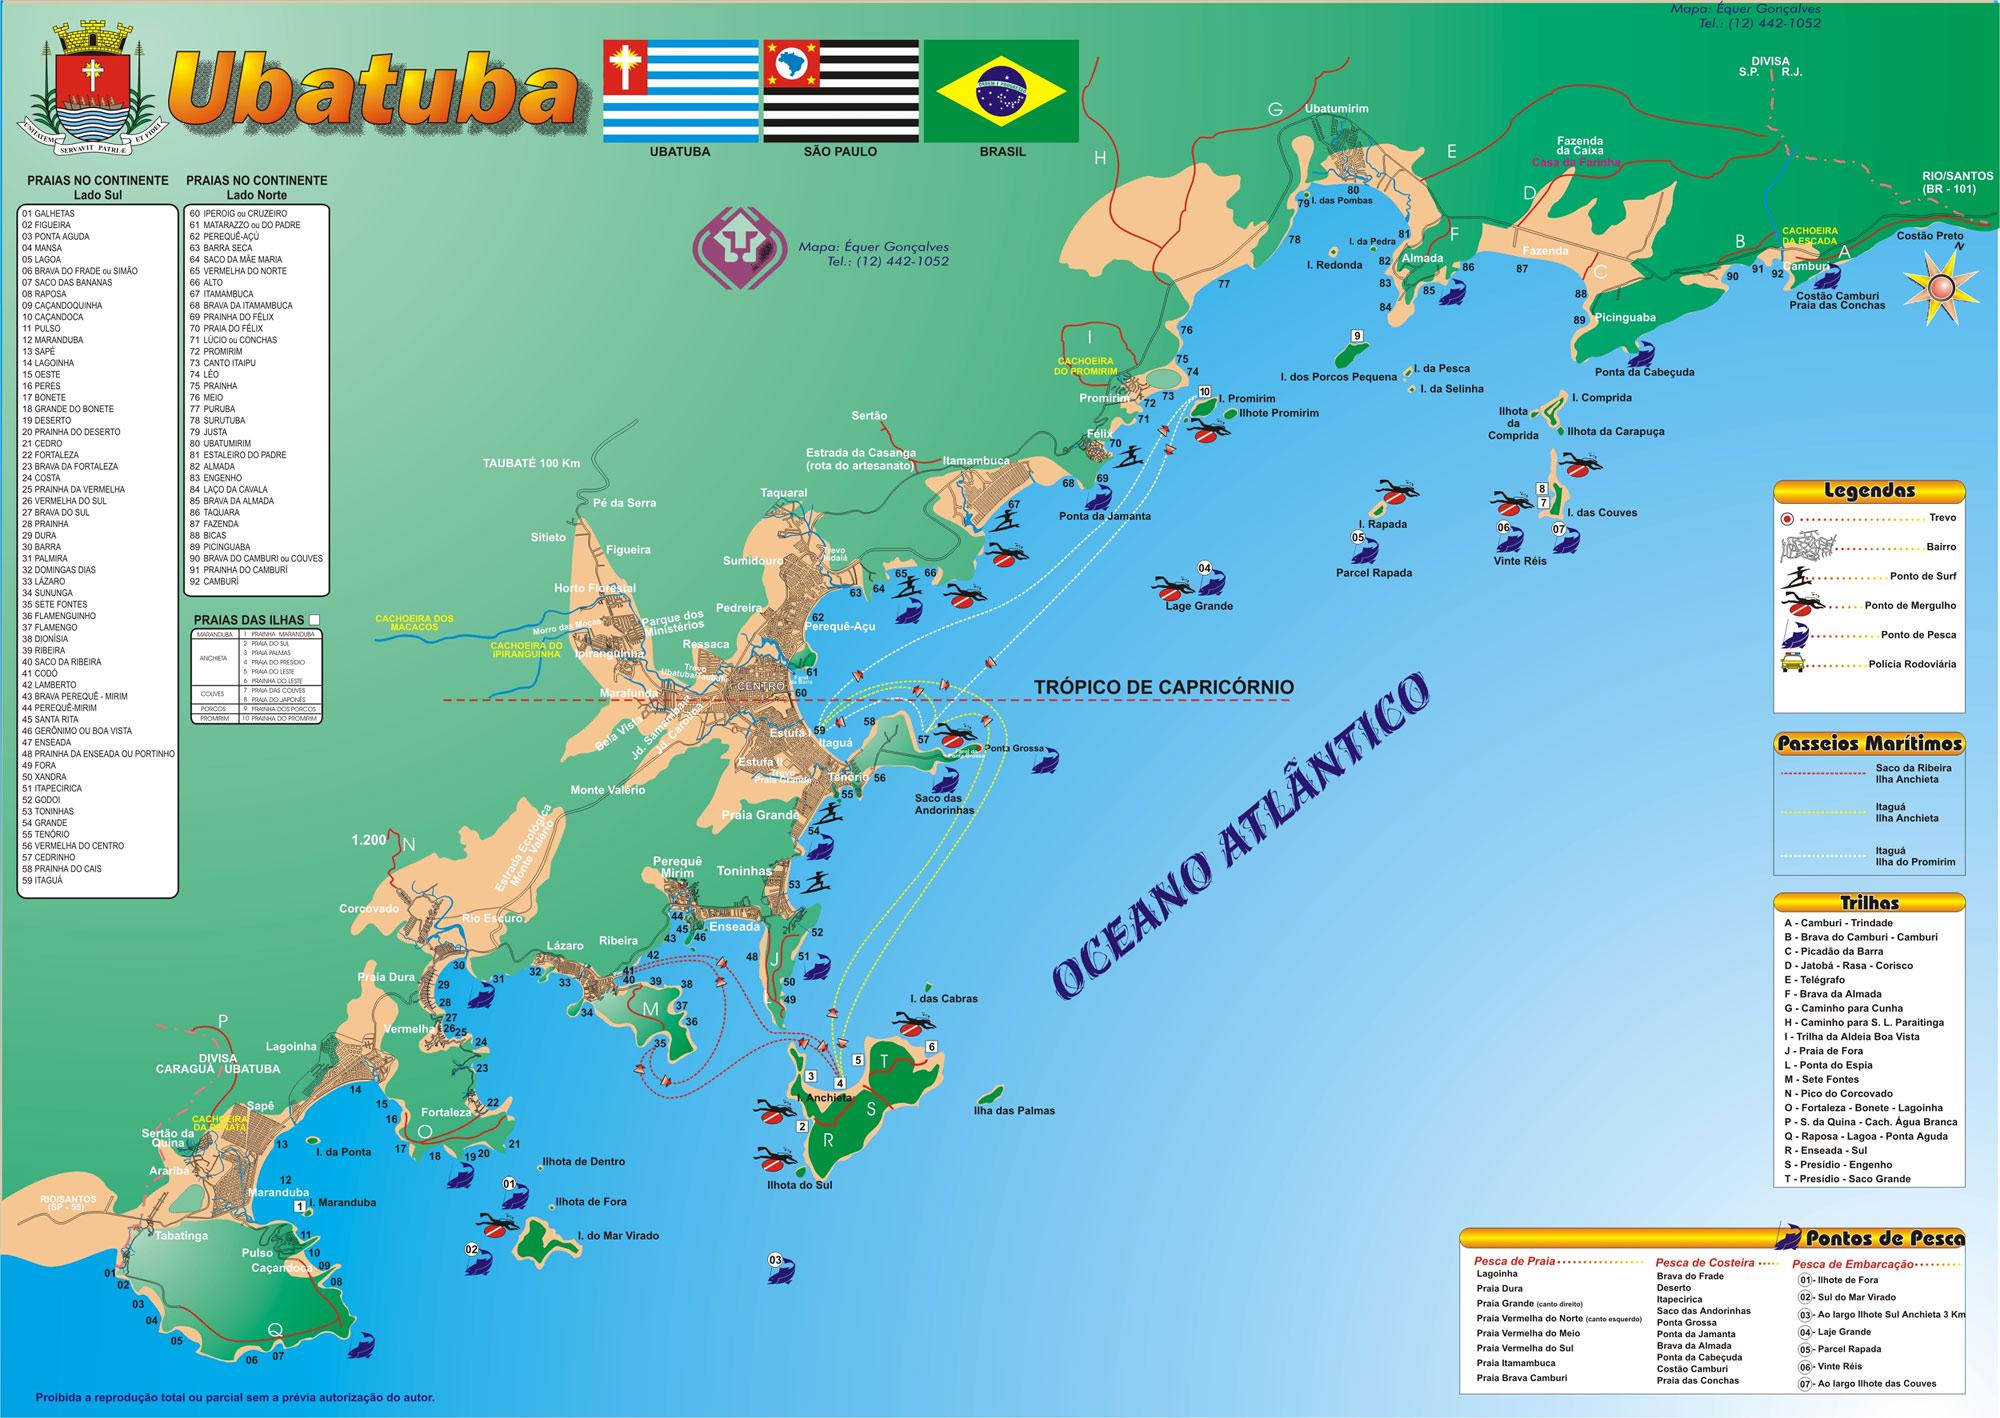 Mapa da Orla de Ubatuba